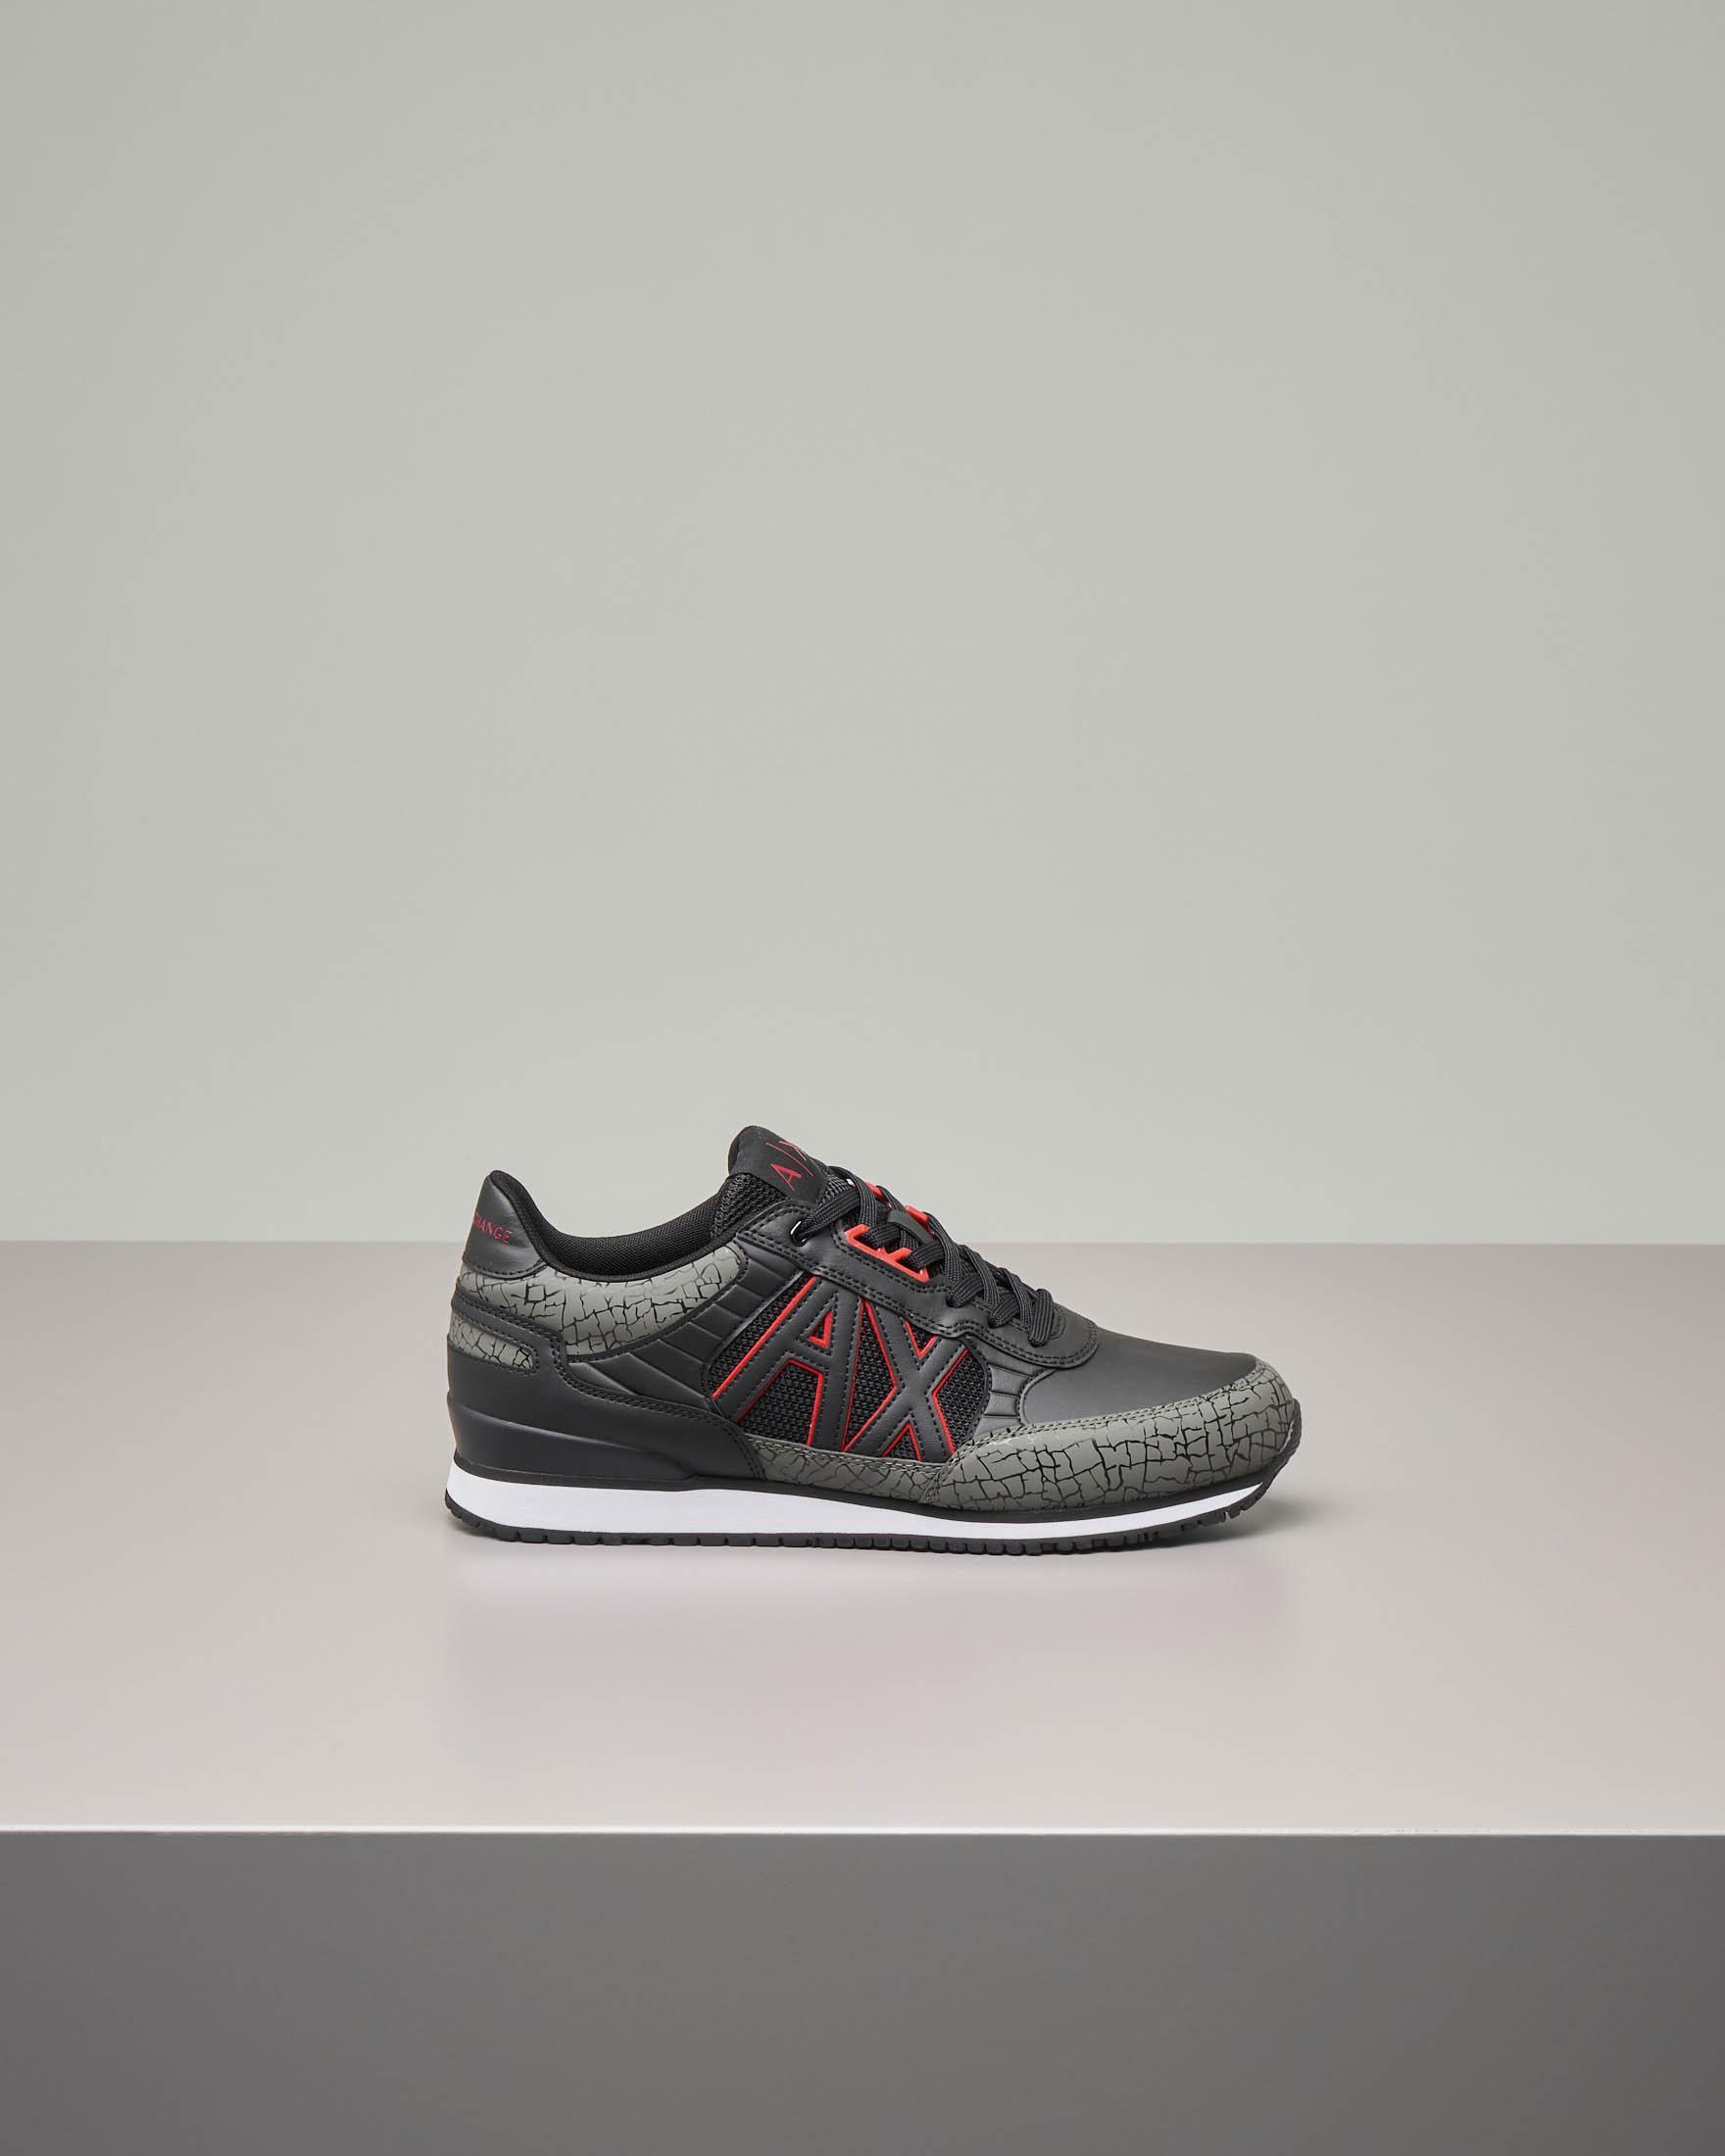 Sneakers grigia e nera in ecopelle e mesh con logo AX rosso e nero